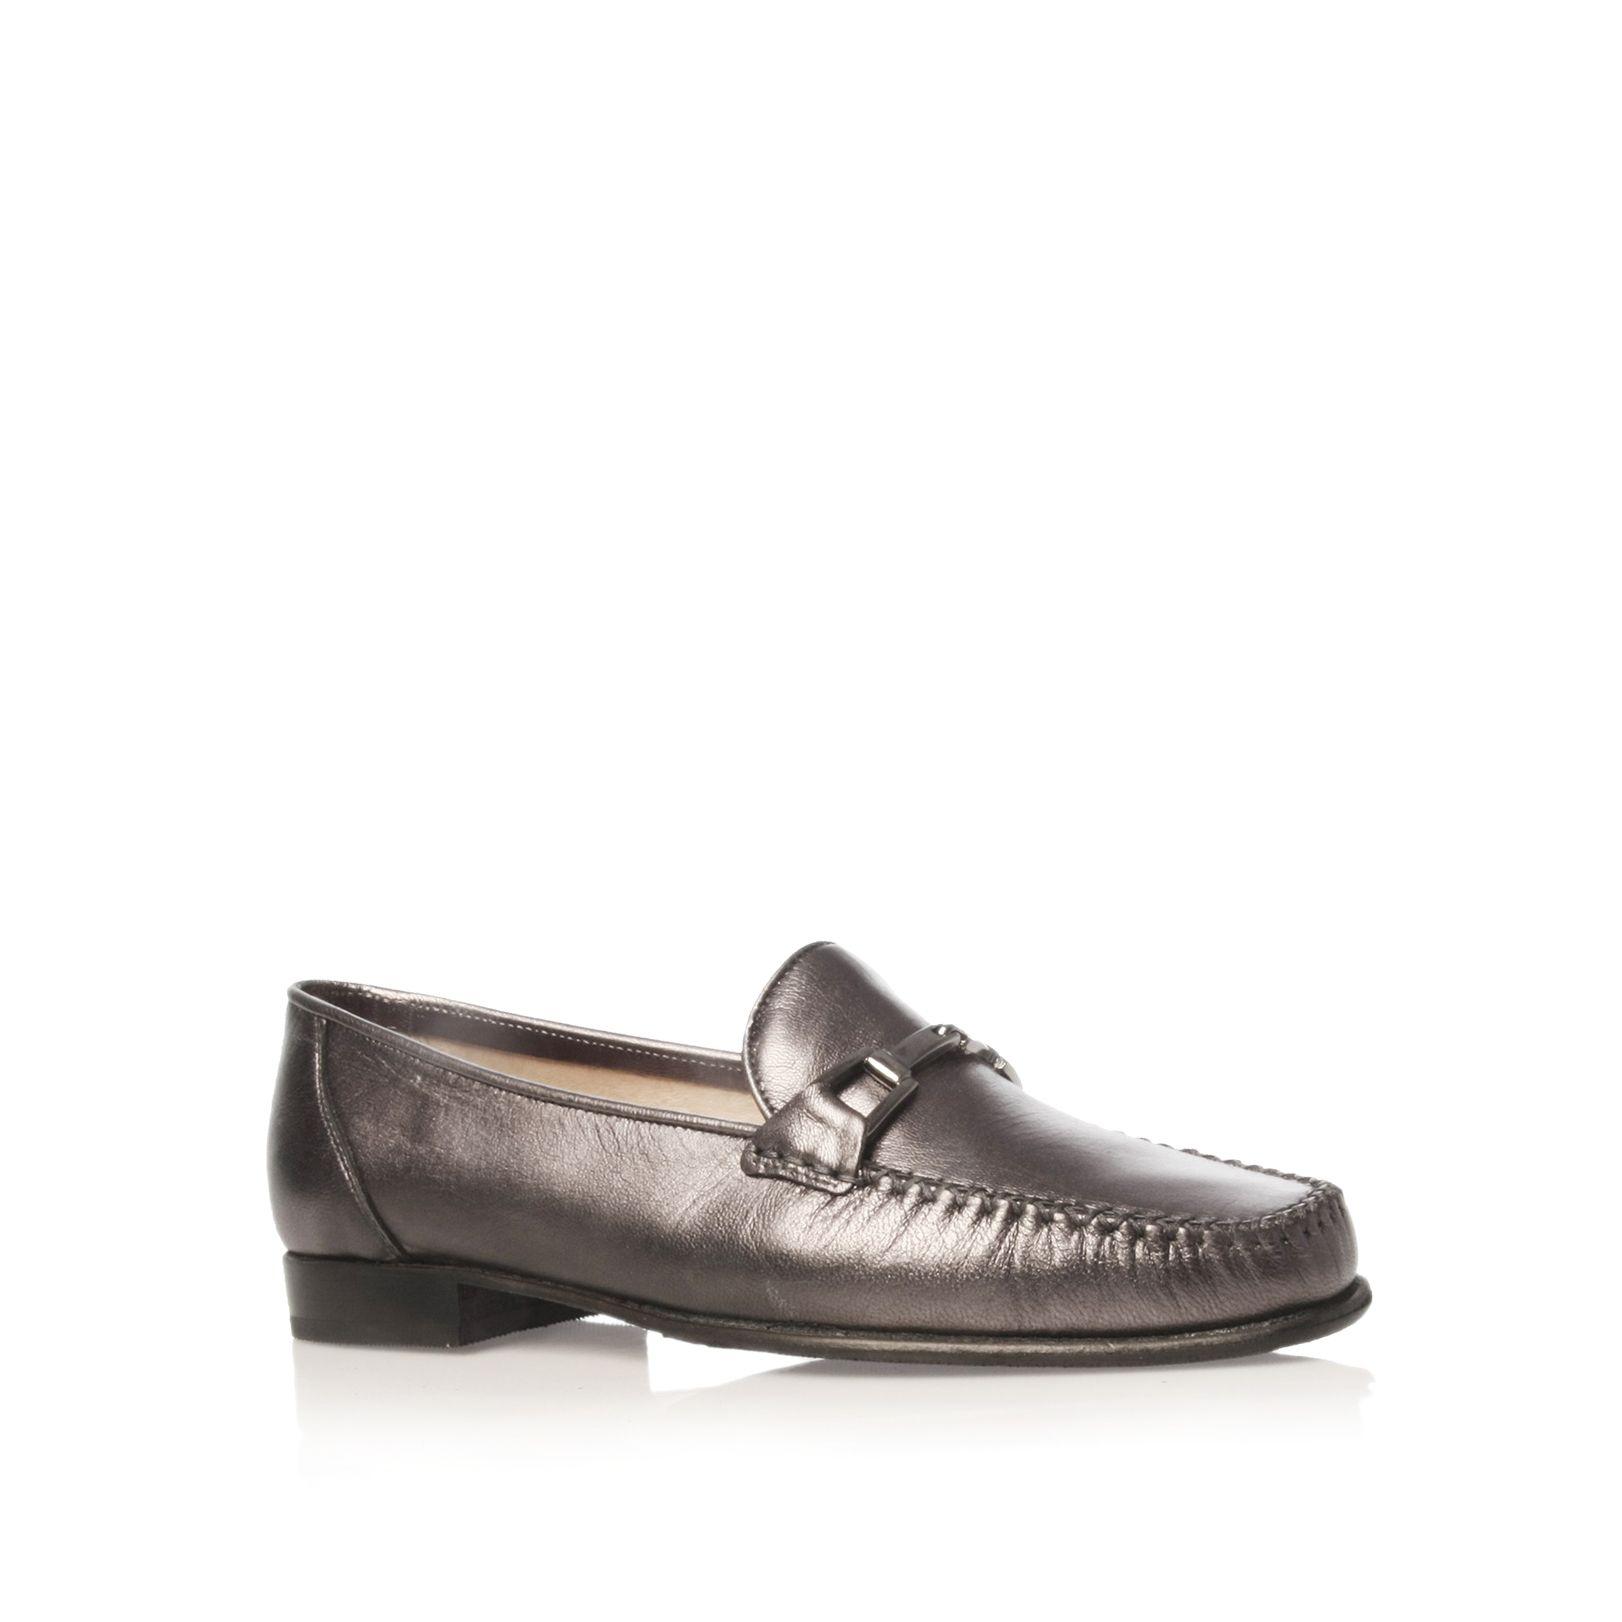 Carvela Kurt Geiger Mariner Loafer Shoes In Gray For Men | Lyst